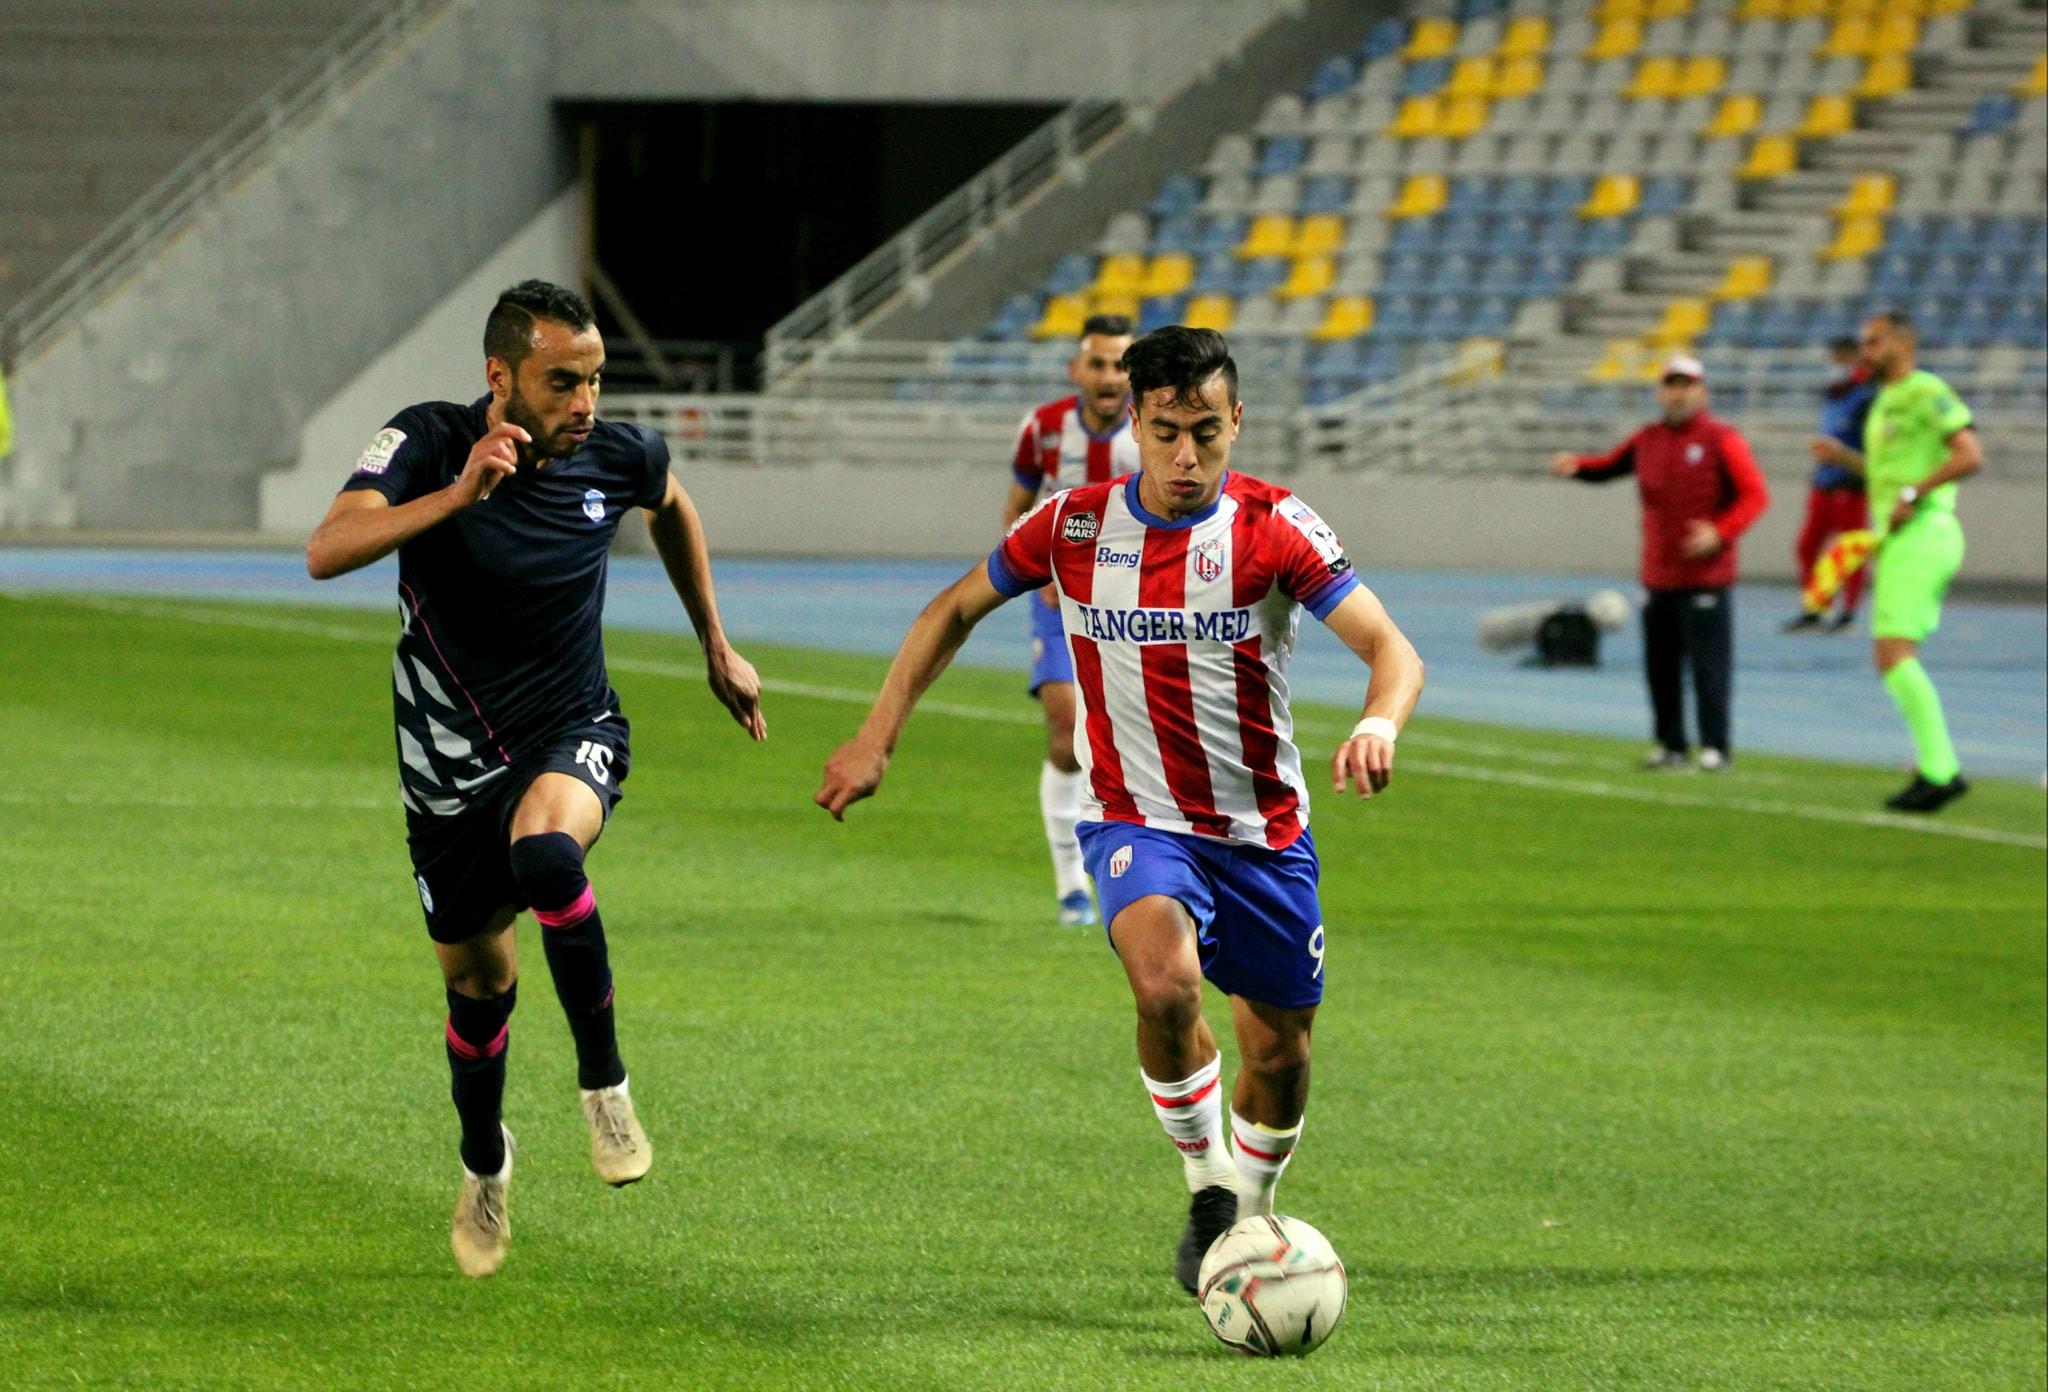 المغرب التطواني يتعادل مع ضيفه السريع واد زم (1-1)